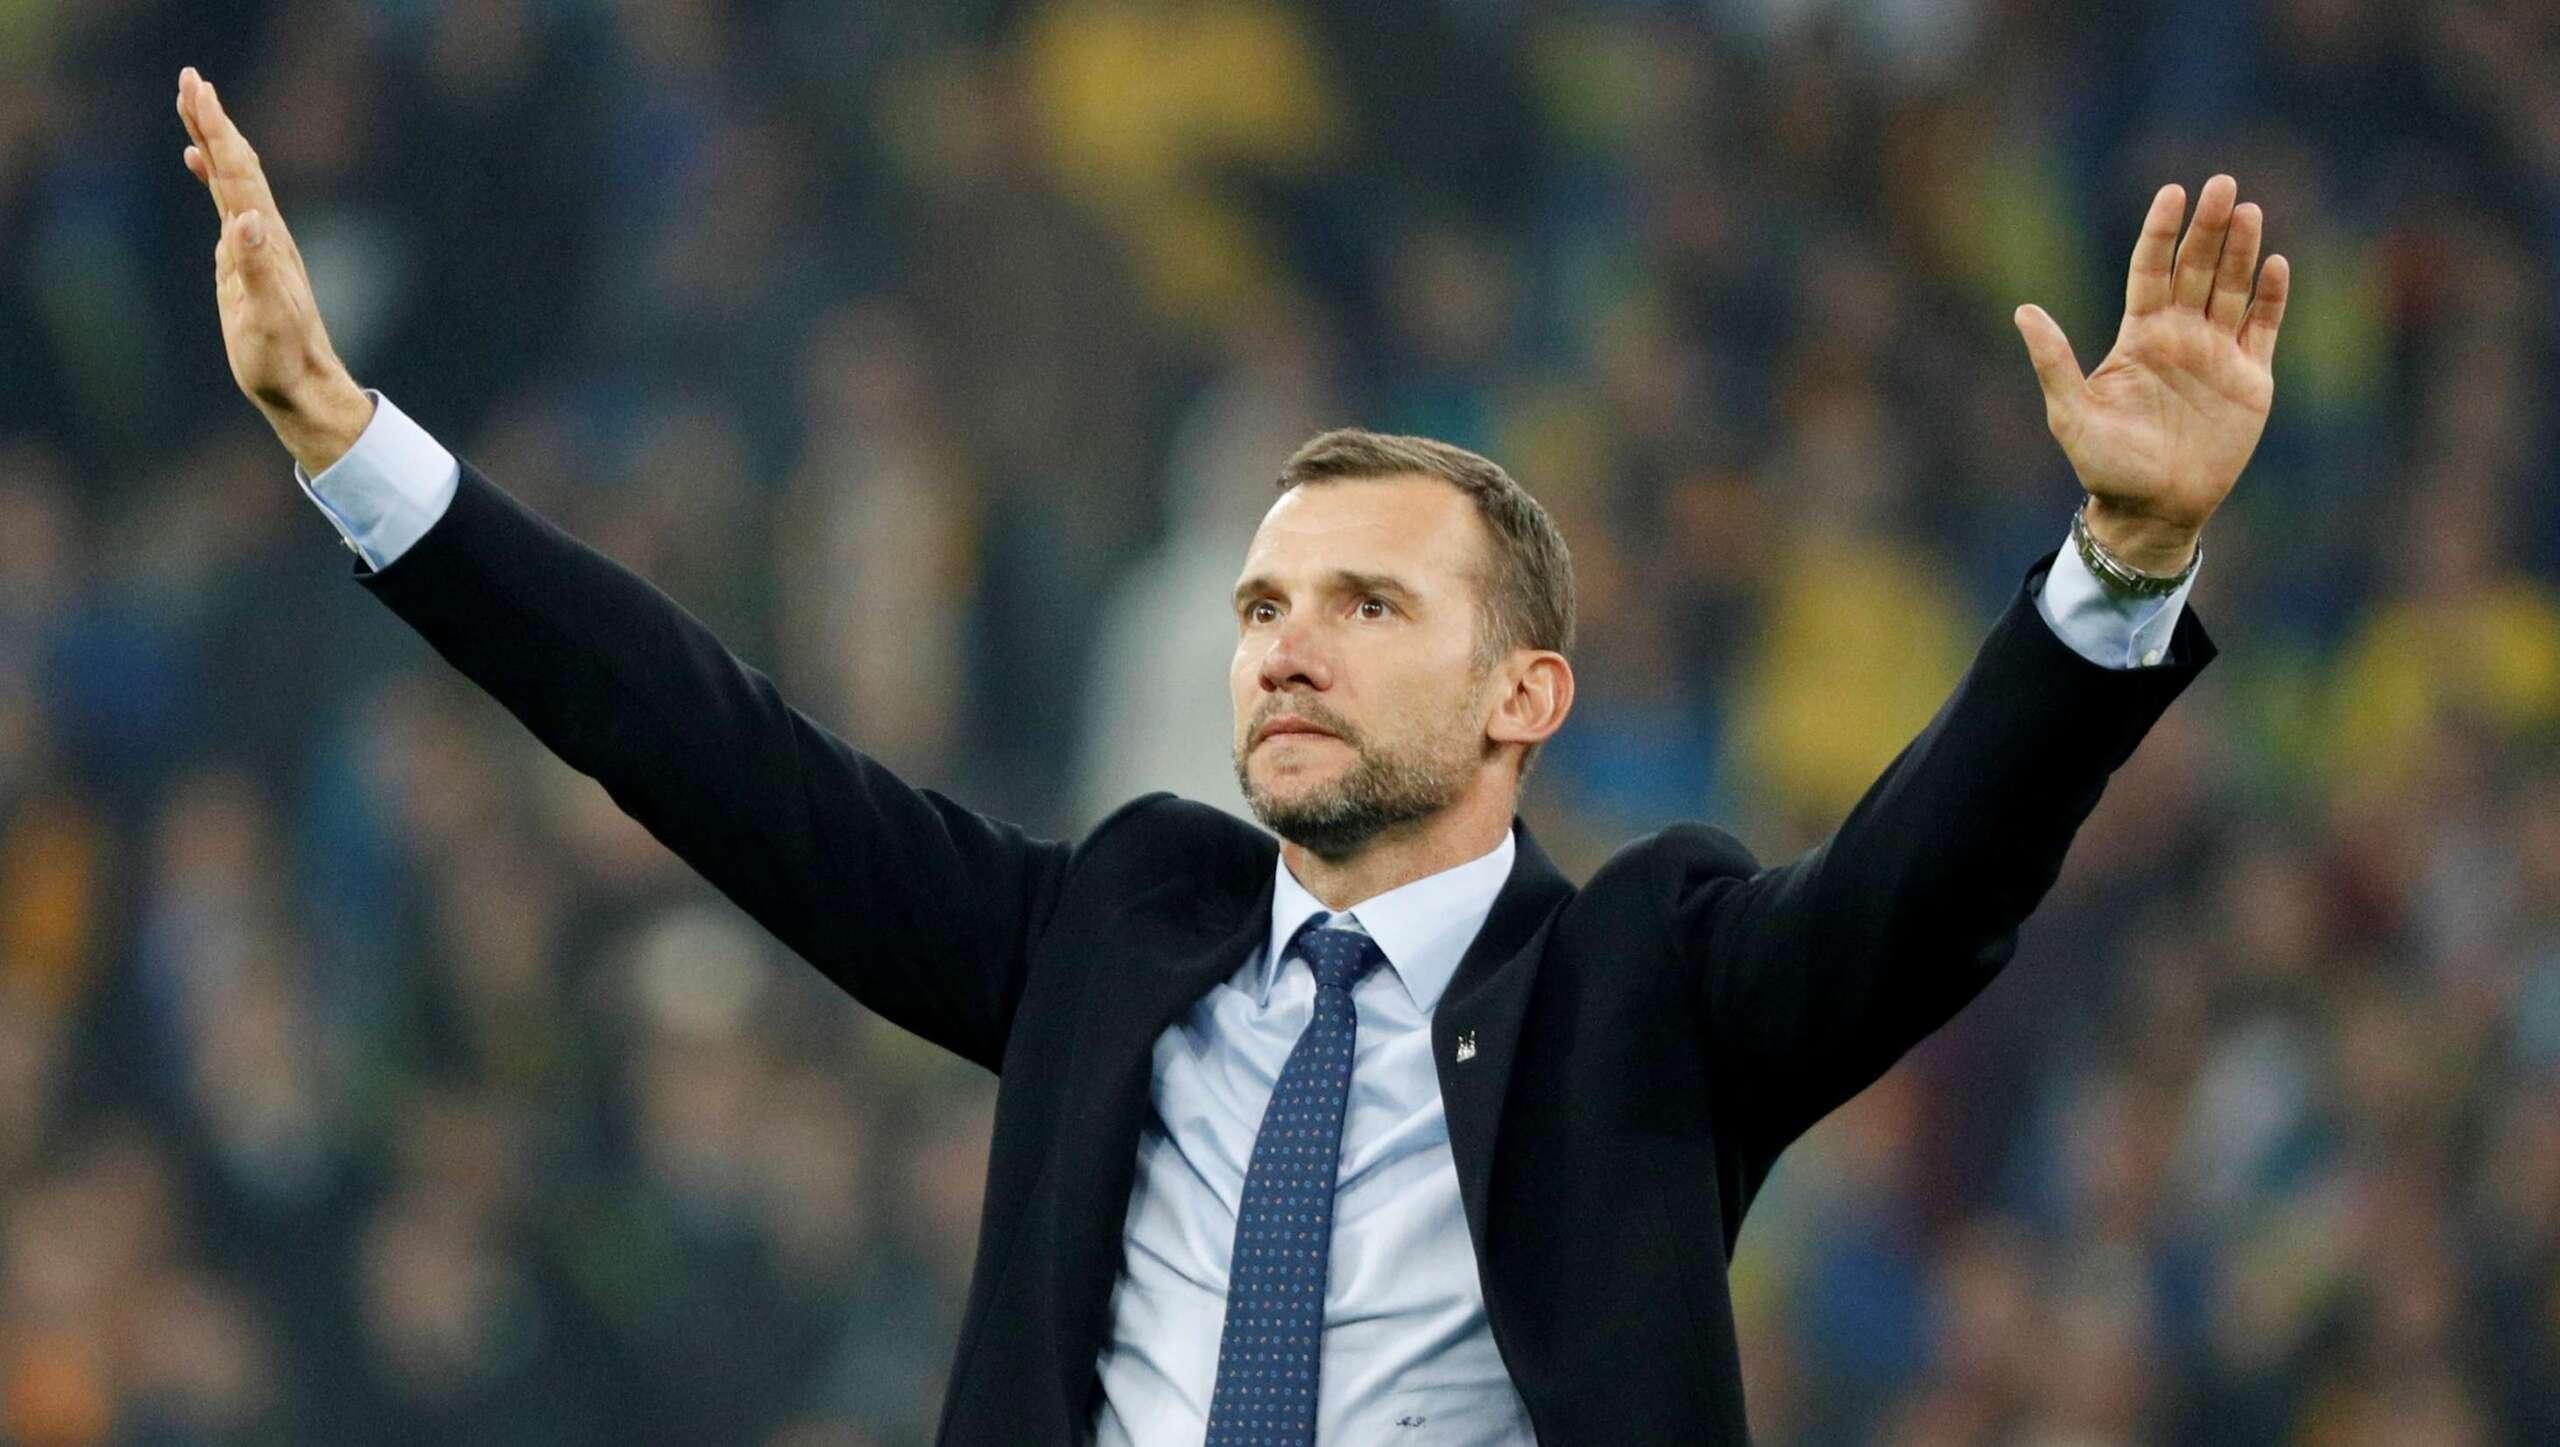 Тренера сборной Украины Шевченко начали травить из-за русского языка